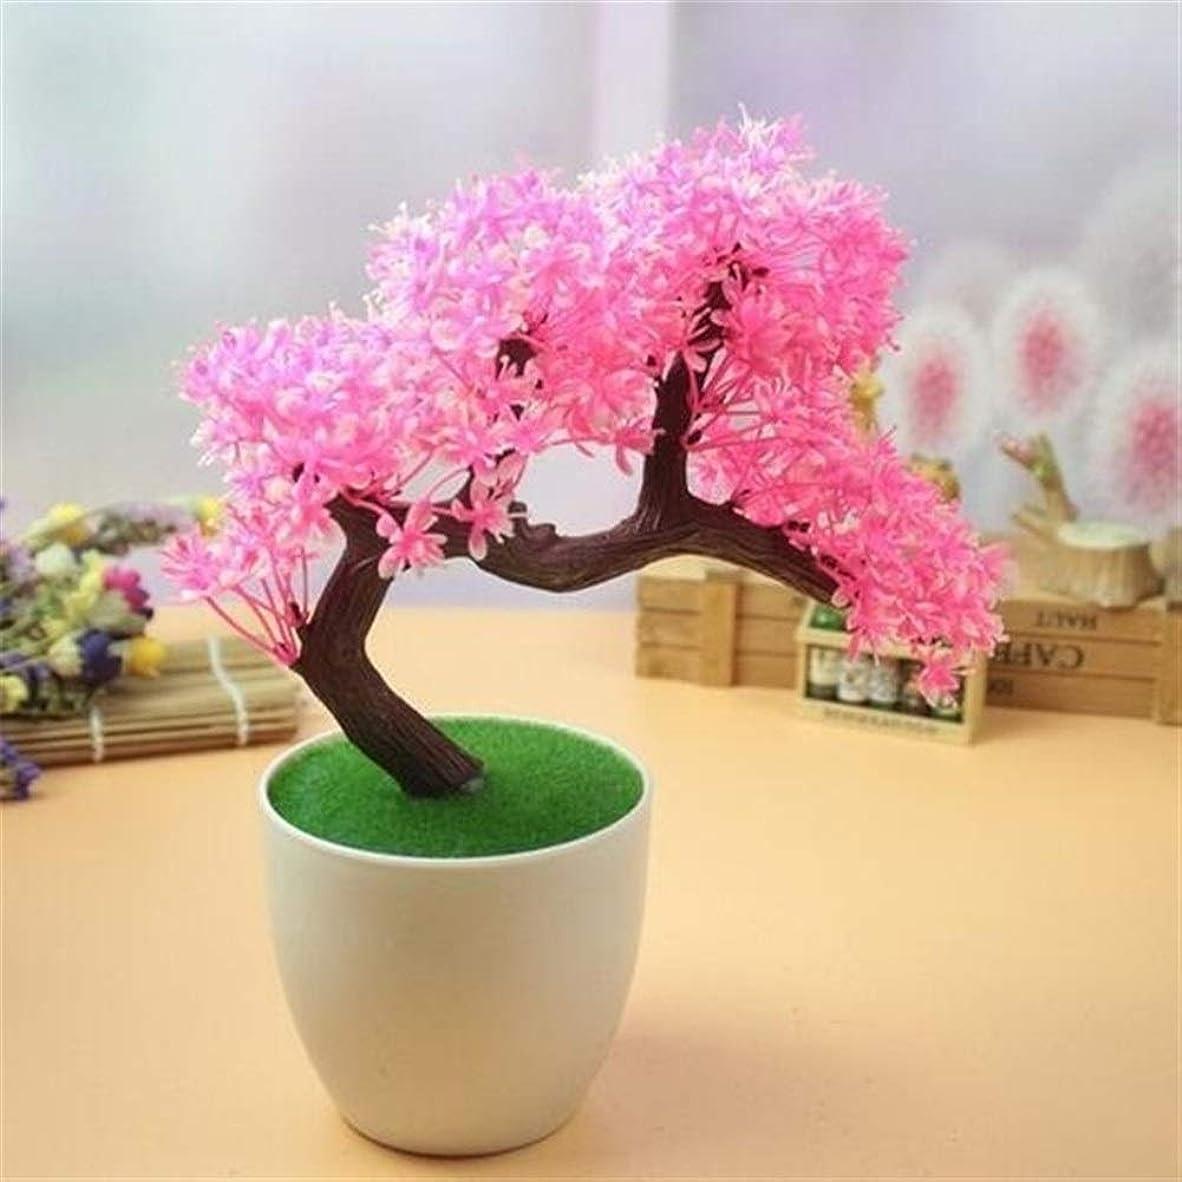 裕福な秘密の考え装飾植物鉢植え植物人工シミュレーション花リビングルーム窓装飾花 (Color : Dark Gray)